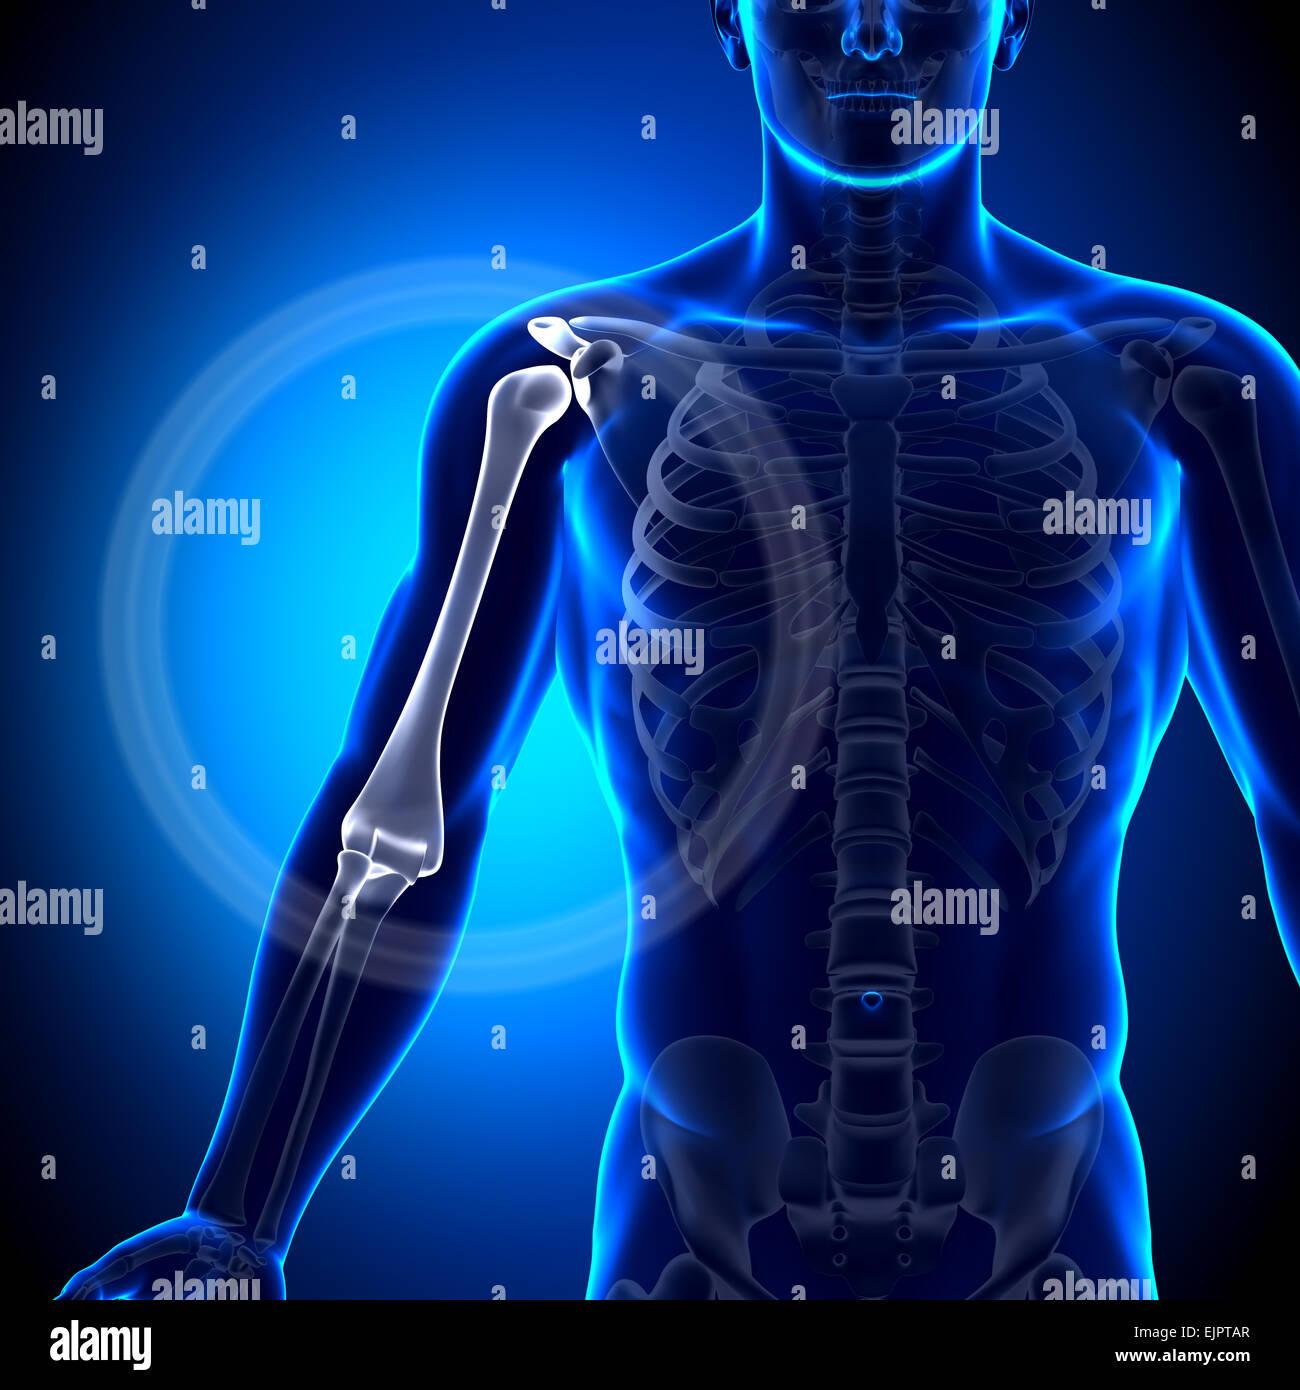 Männliche Humerus / Arm Anatomie - Anatomie-Knochen Stockfoto, Bild ...